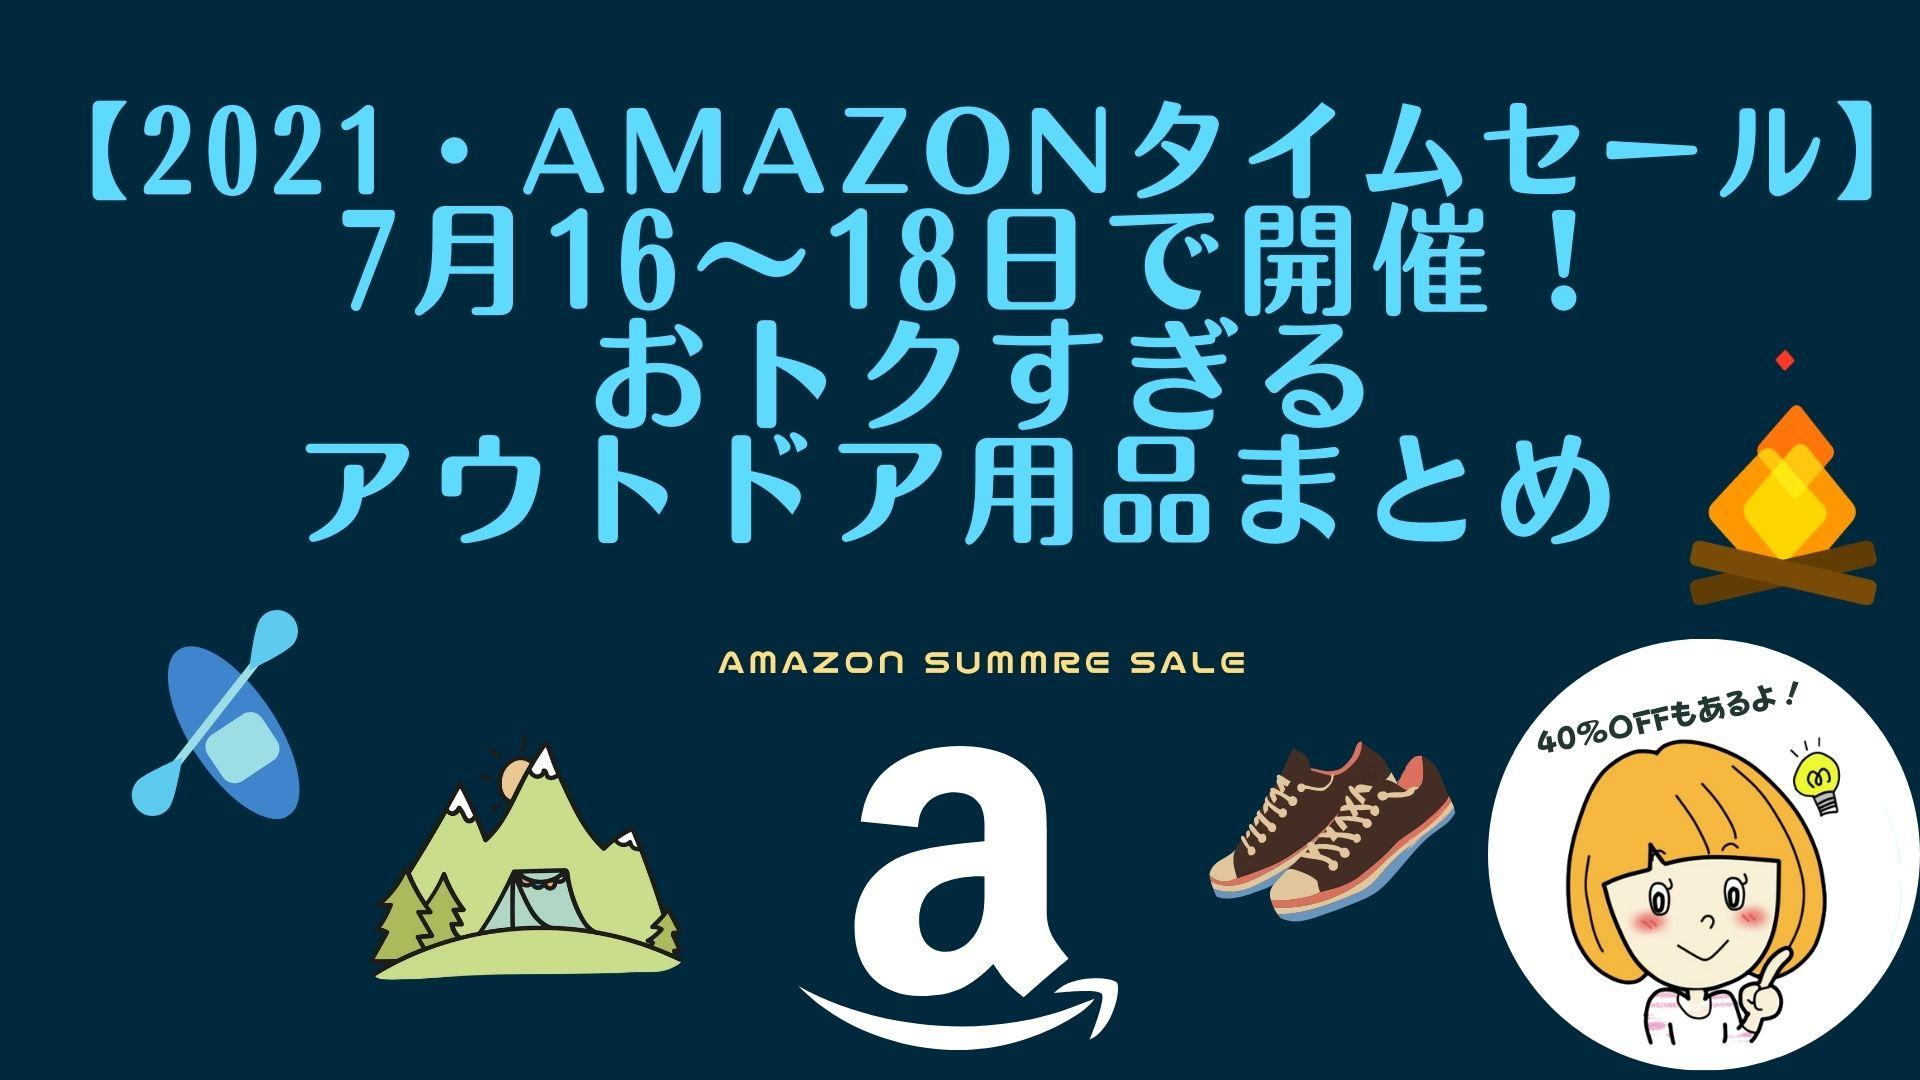 【2021・Amazonタイムセール】7月16・17日で開催!おトクすぎるアウトドア用品まとめ | 四国の山.com